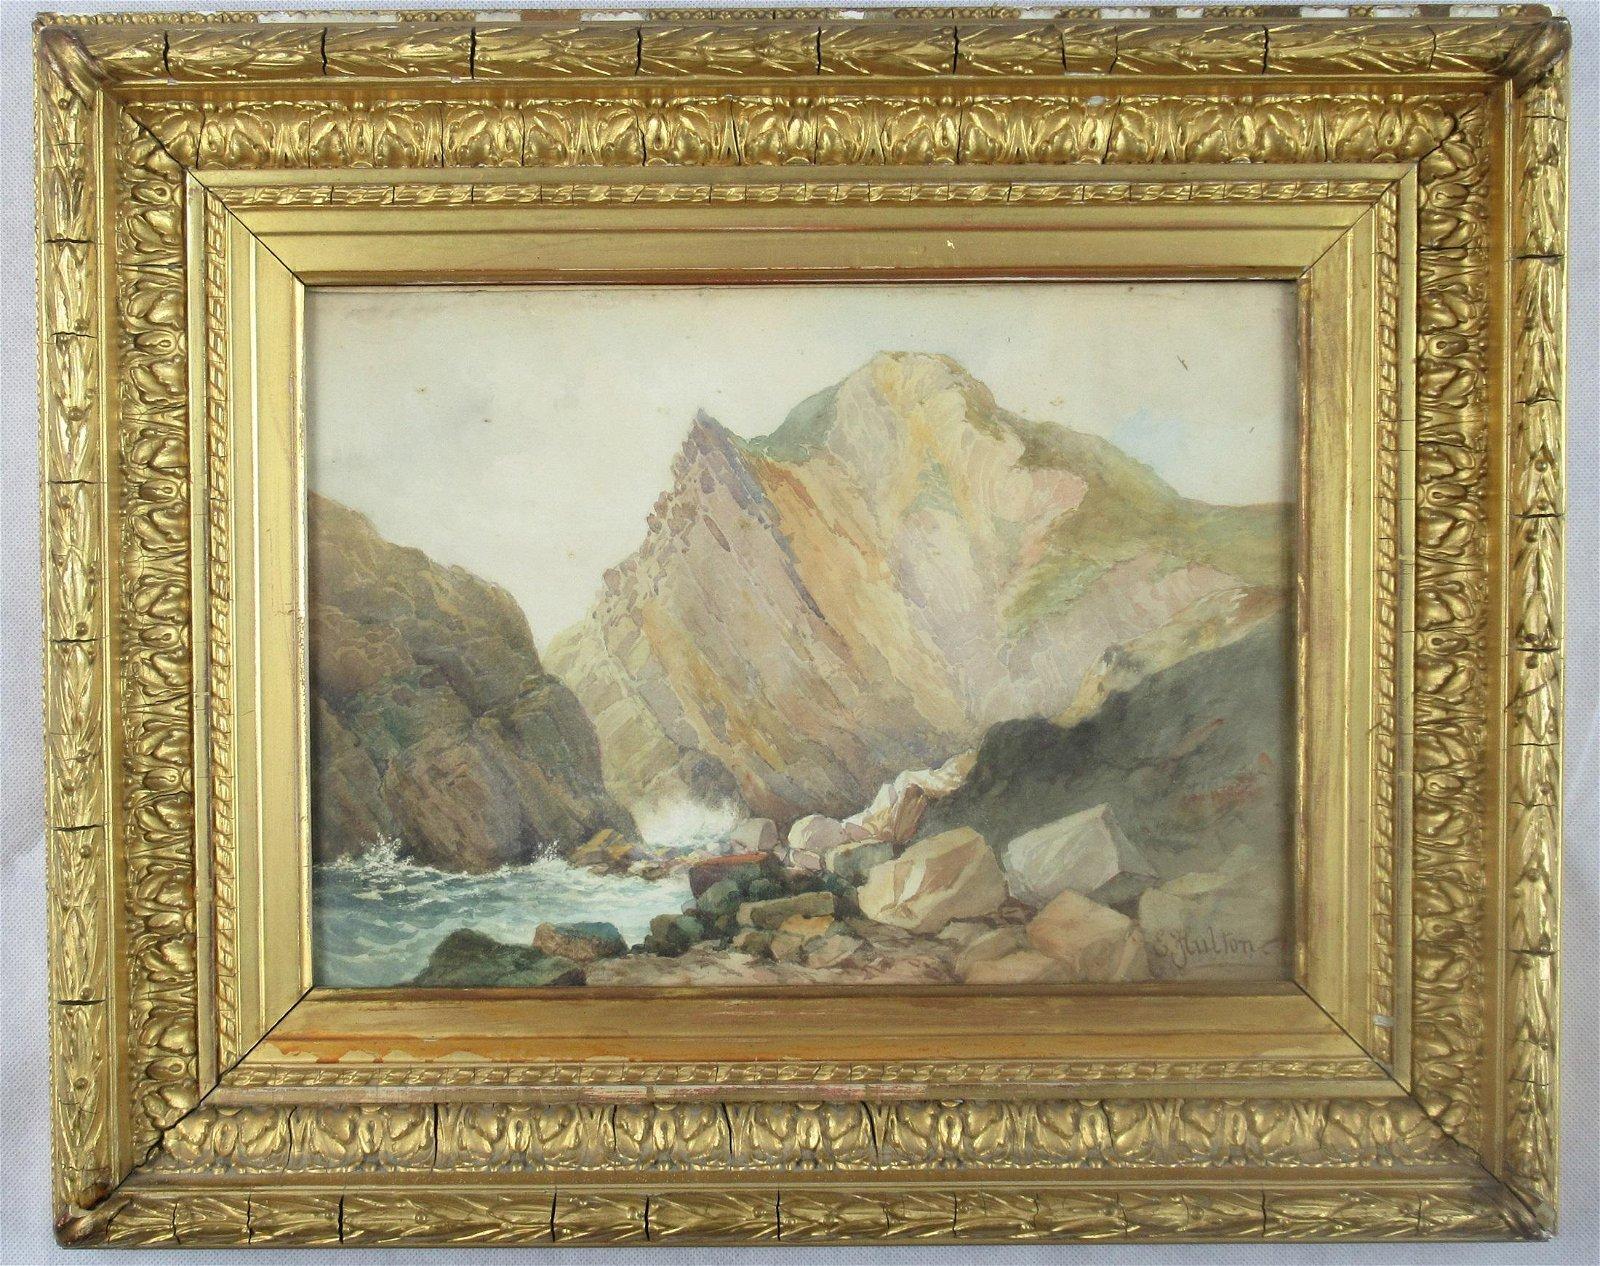 E. Hulton watercolour